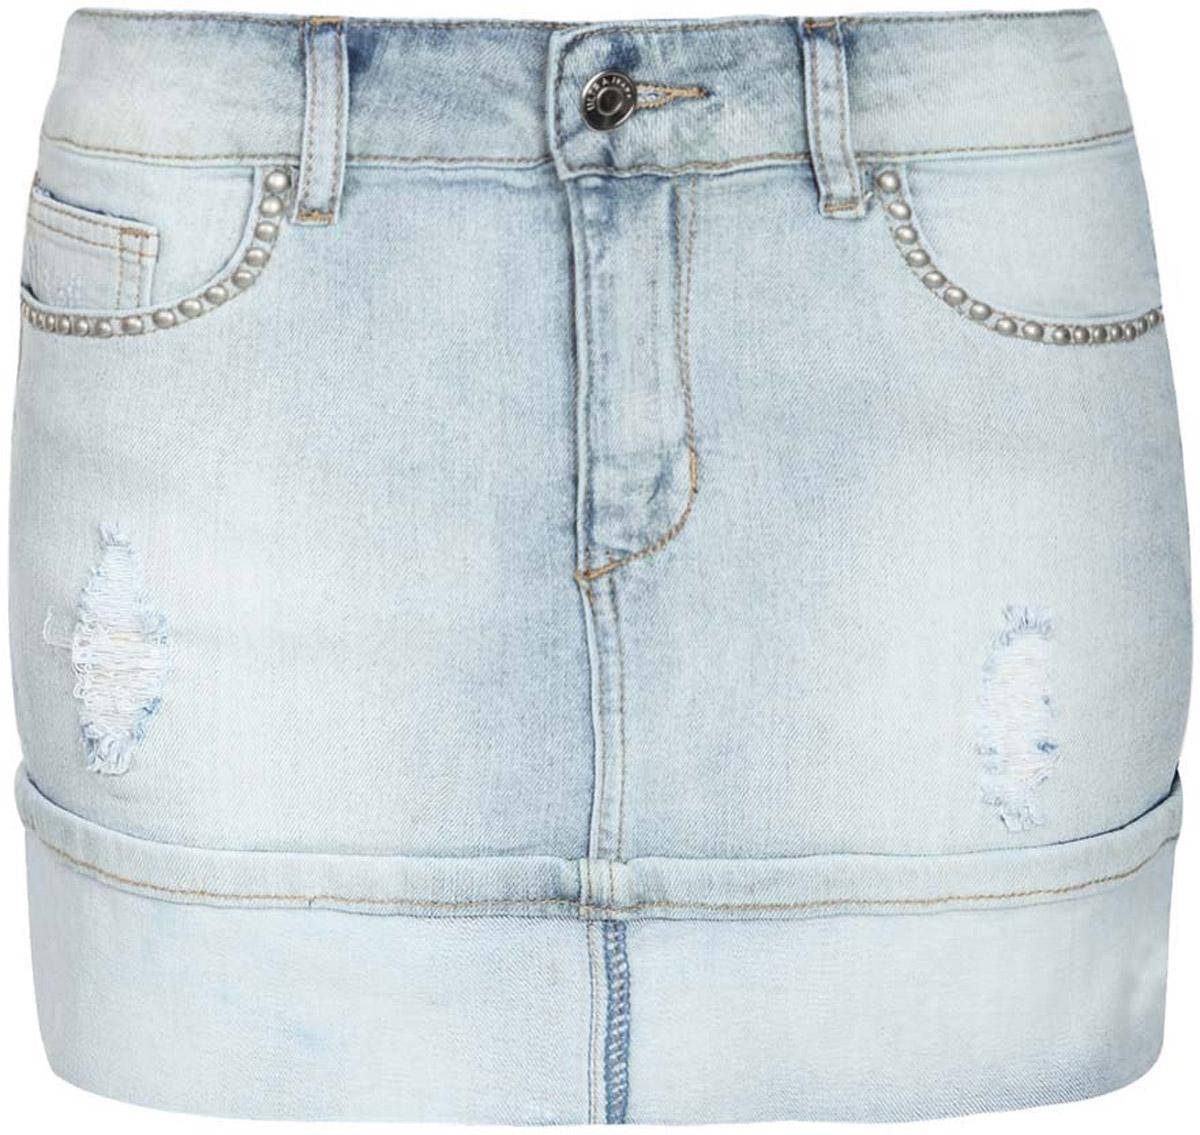 Юбка oodji Denim, цвет: голубой джинс. 11510004/45369/7000W. Размер 34-170 (40-170)11510004/45369/7000WМодная джинсовая мини-юбка oodji Denim выполнена из хлопка с добавлением эластана. Юбка застегивается на пуговицу в поясе и ширинку на застежке-молнии, имеются шлевки для ремня. Спереди расположены два втачных кармана и один небольшой накладной кармашек, а сзади - два накладных кармана. Юбка декорирована эффектом потертости, правый карман с лицевой стороны дополнен декоративными клепками.